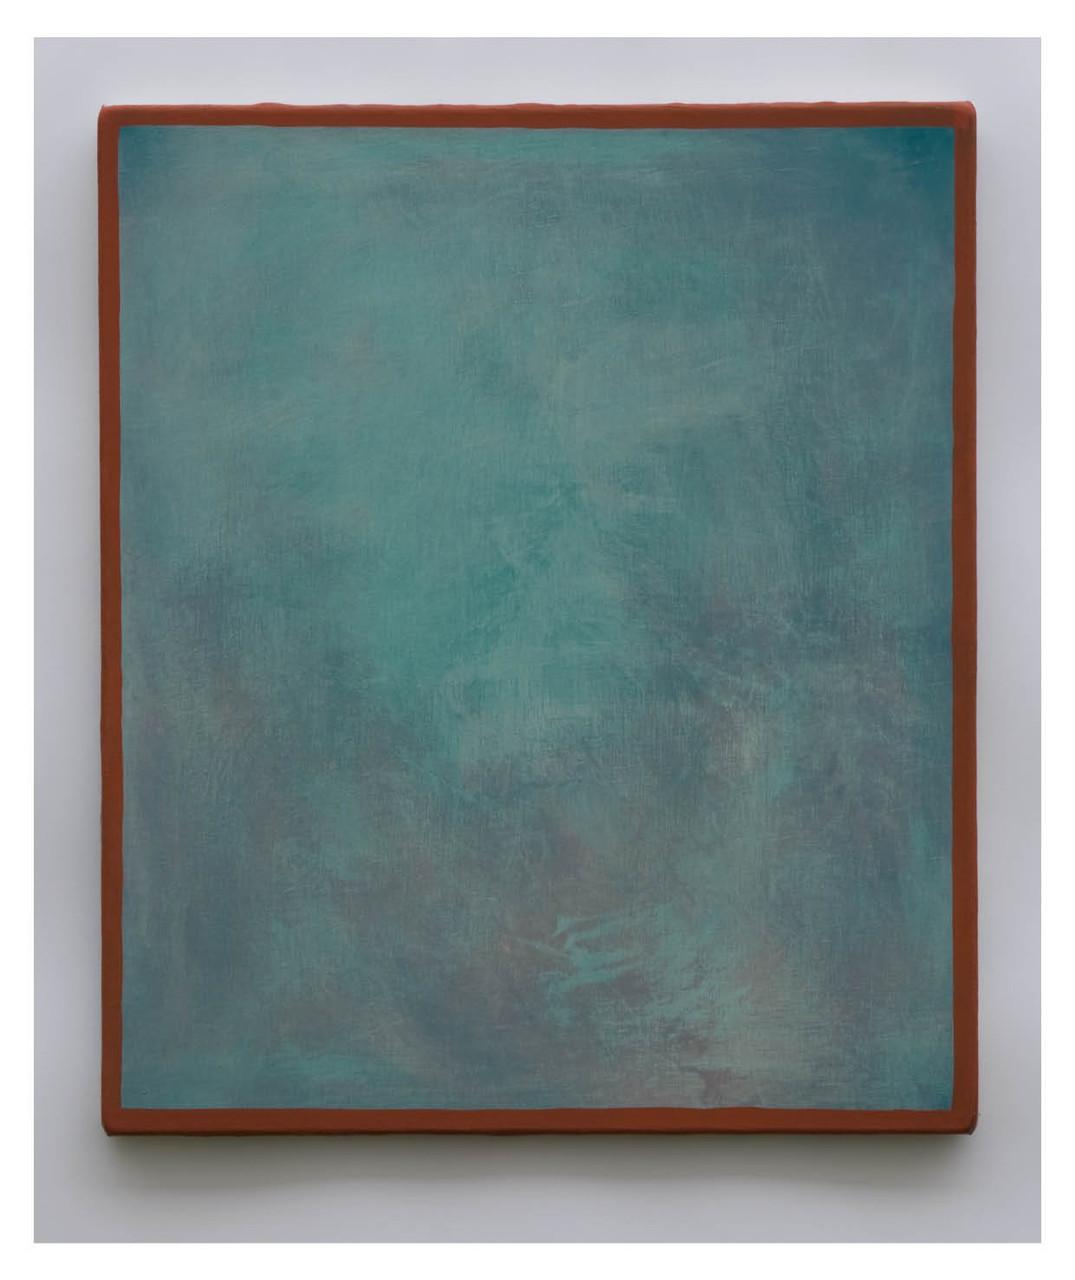 Ohne Titel, 2009, Öl auf Leinwand, 61 x 52 cm